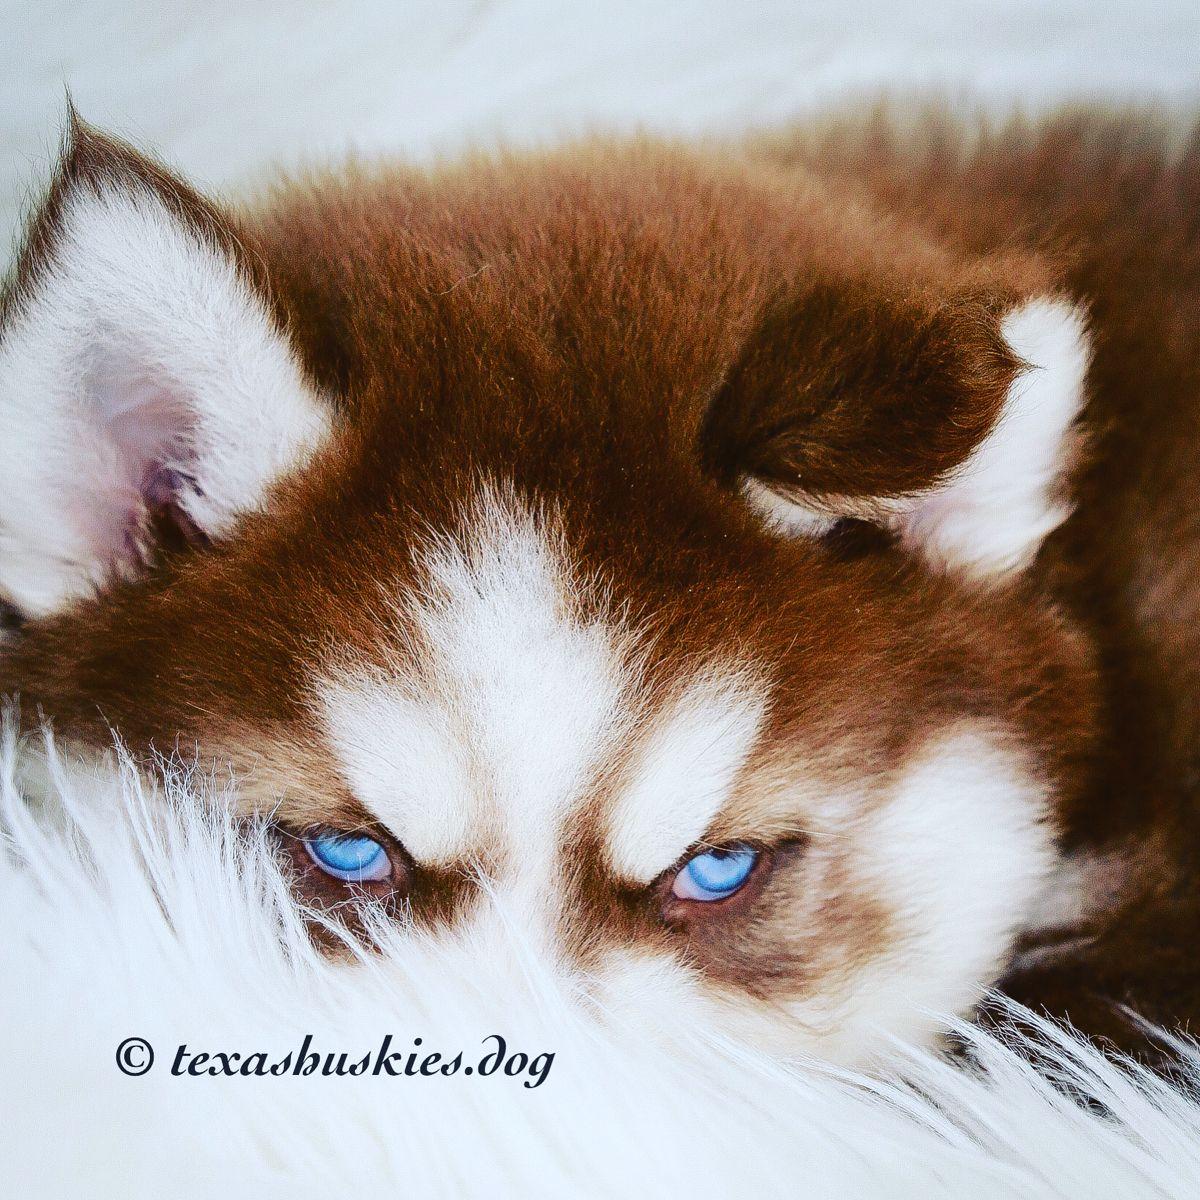 Siberian Husky Puppy Texasblueyedhuskies In 2020 Siberian Husky Siberian Husky Breeders Siberian Husky Puppy